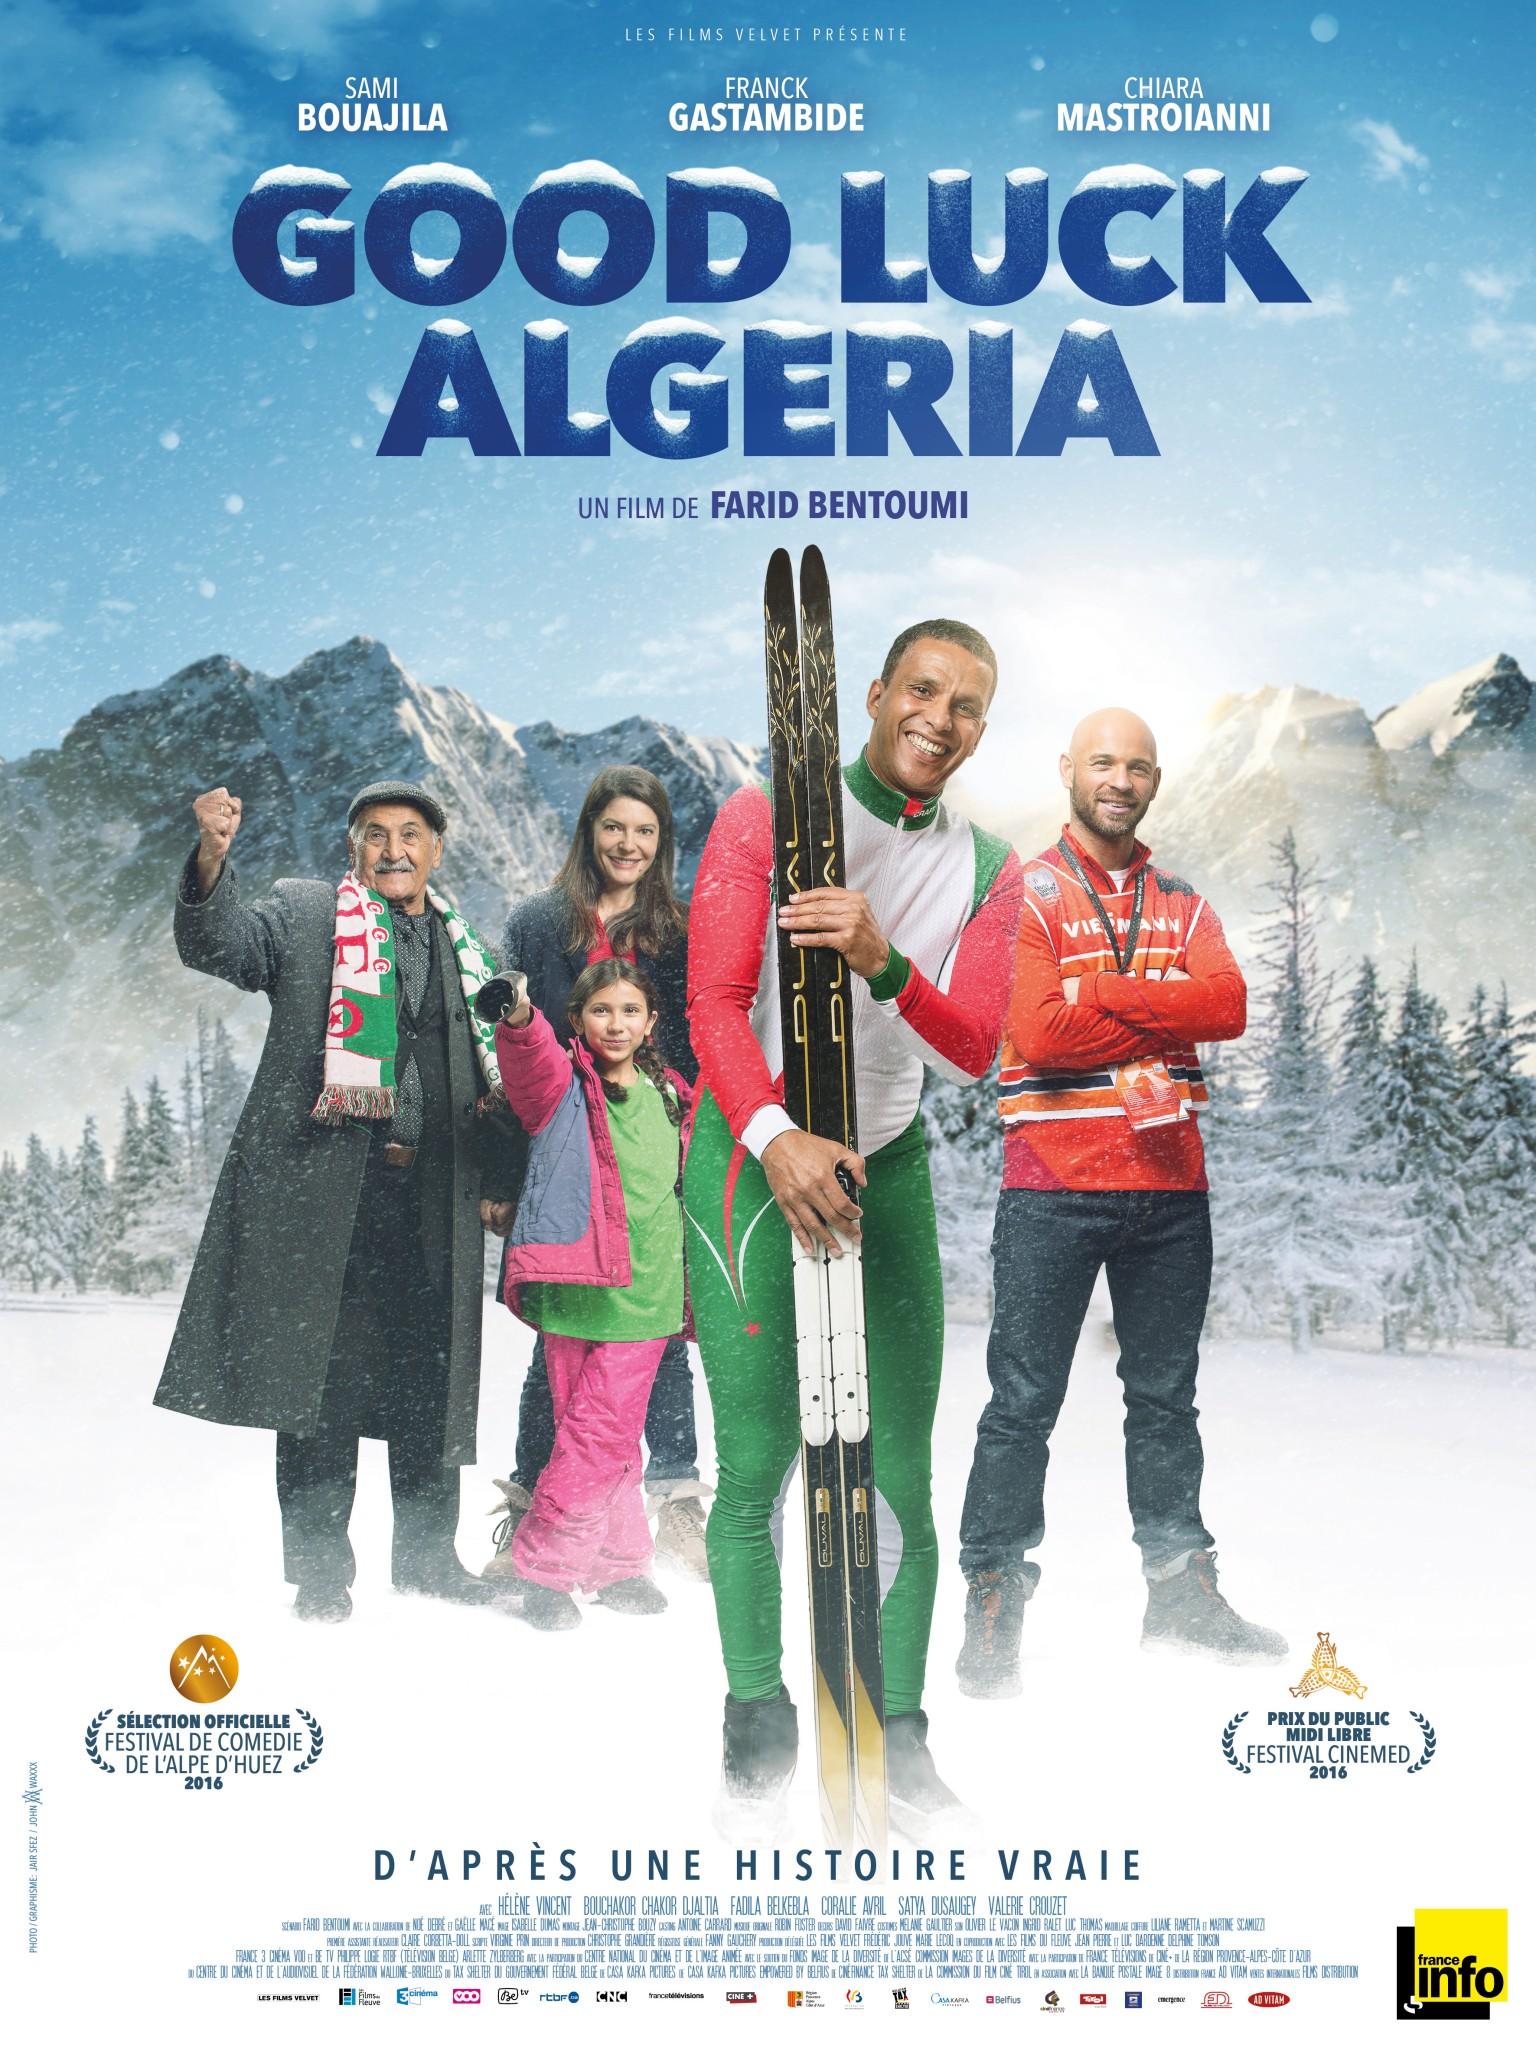 """[Critique] """"Good Luck Algeria"""" (2015) de Farid Bentoumi 1 image"""